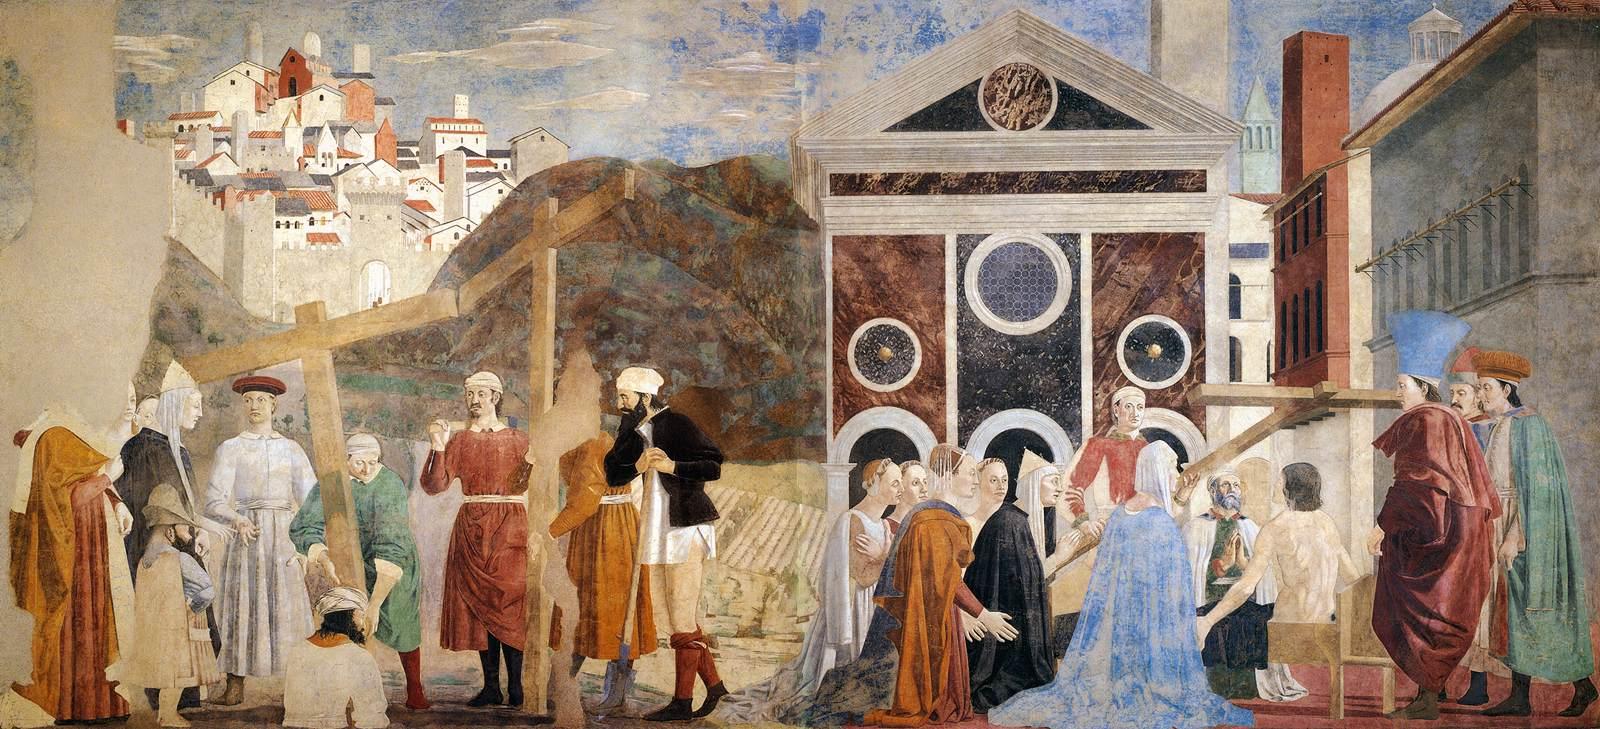 Piero della Francesca,Ritrovamento delle tre croci e Verifica della Croce, affresco, Basilica di San Francesco, Arezzo